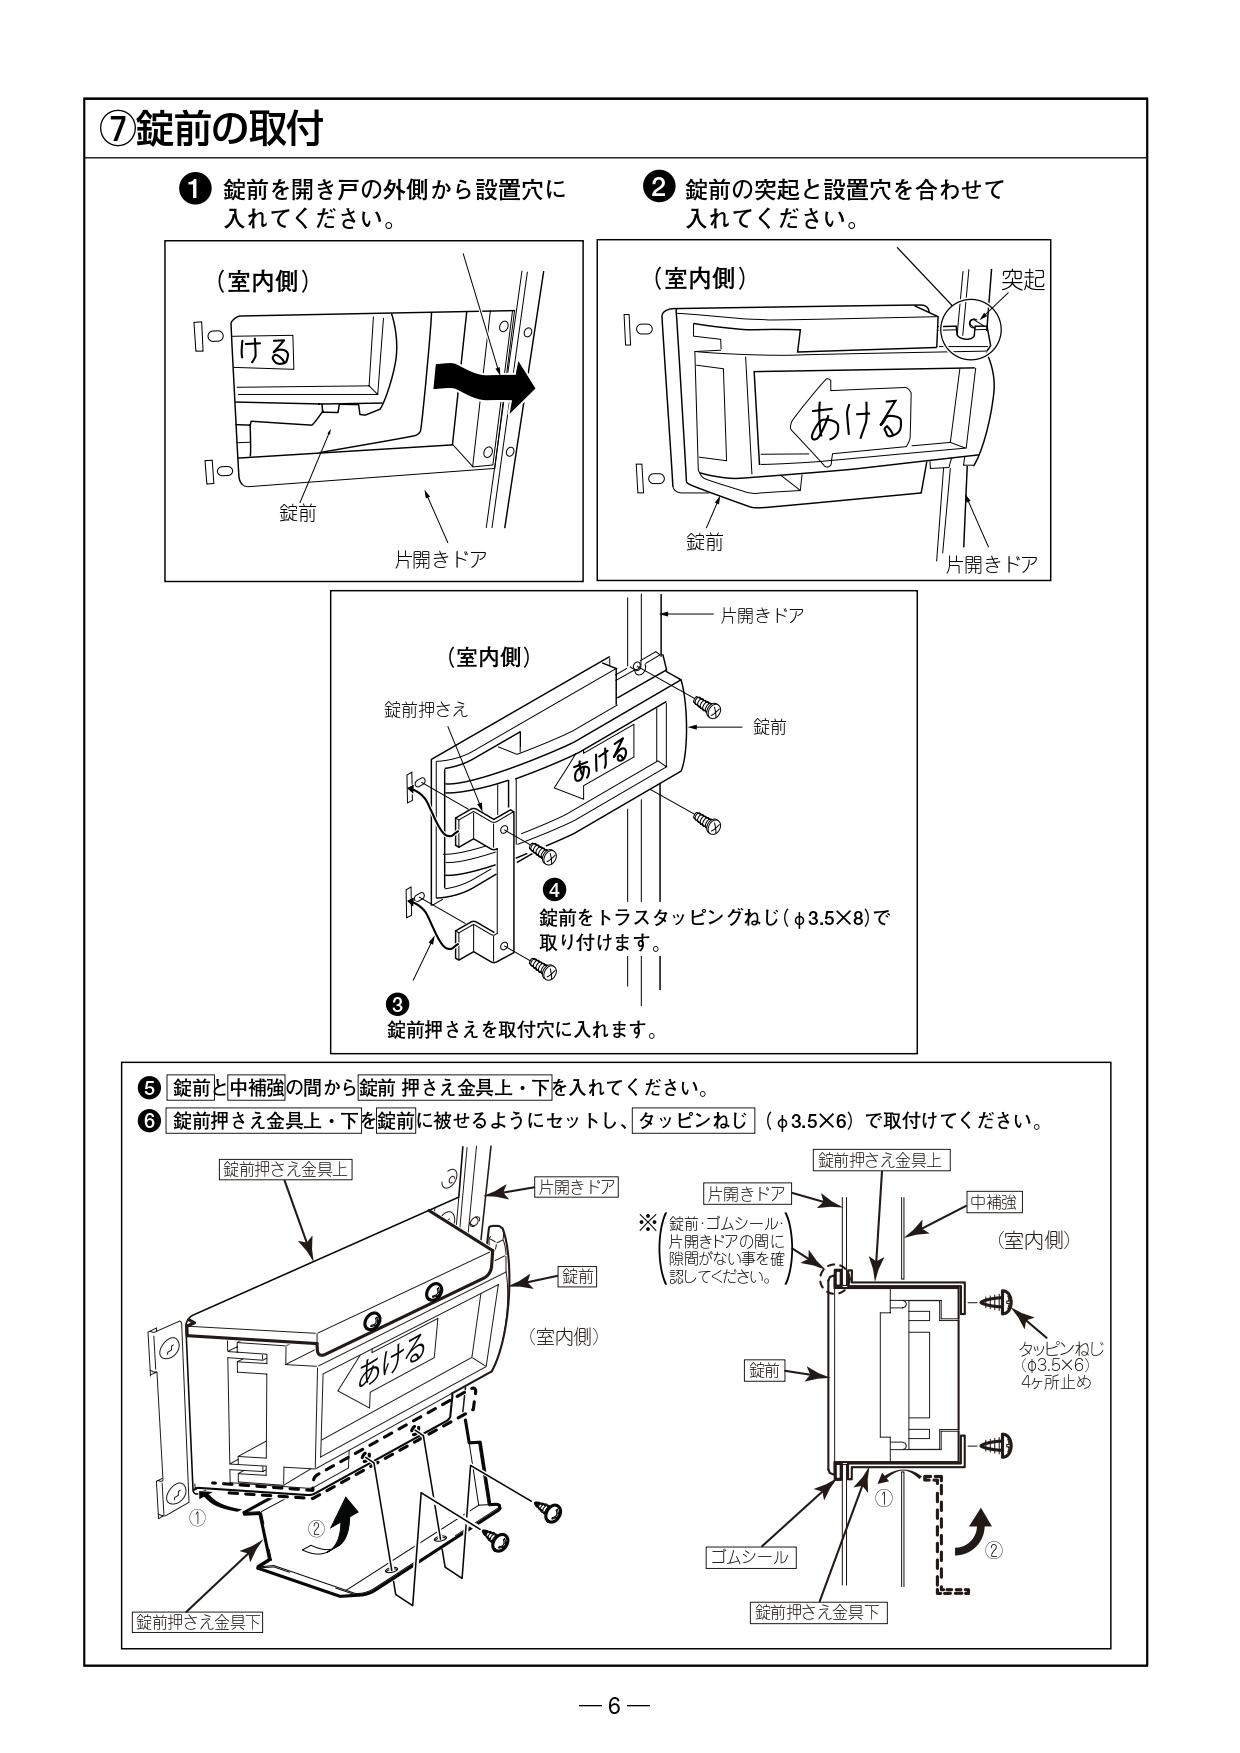 小型物置DM-GY099 組み立て説明書_page-0008